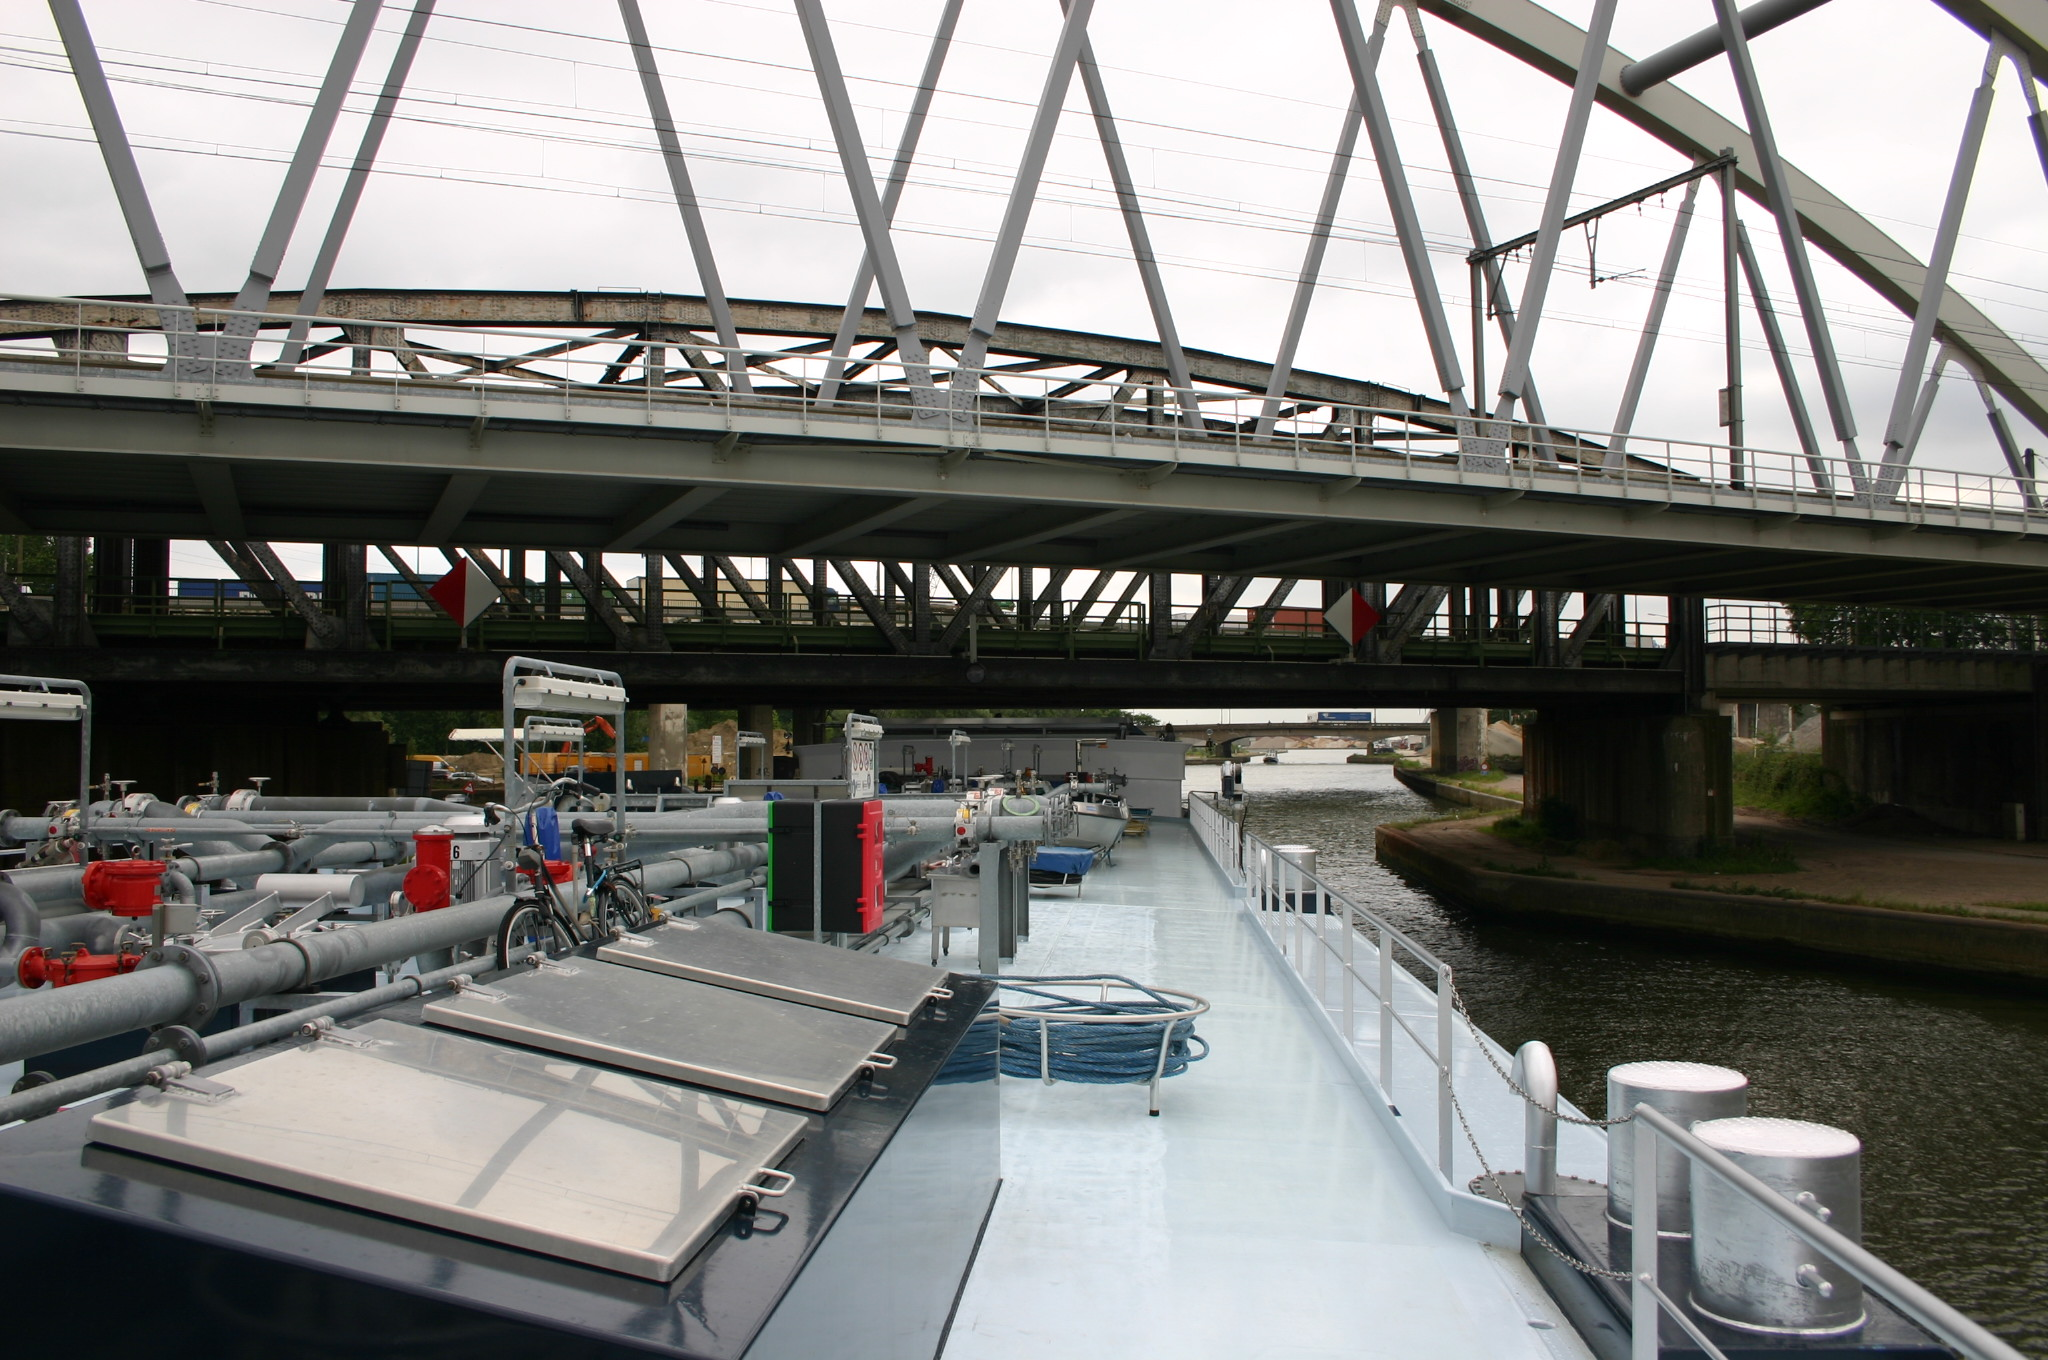 De infrastructuur heeft geen gelijke tred gehouden met de schaalvergroting in de binnenvaart. Tegenwoordig moet een tanker helemaal worden volgepompt met ballastwater om nog kans te maken heel onder de bruggen door te komen. (Foto Hens van Buren)